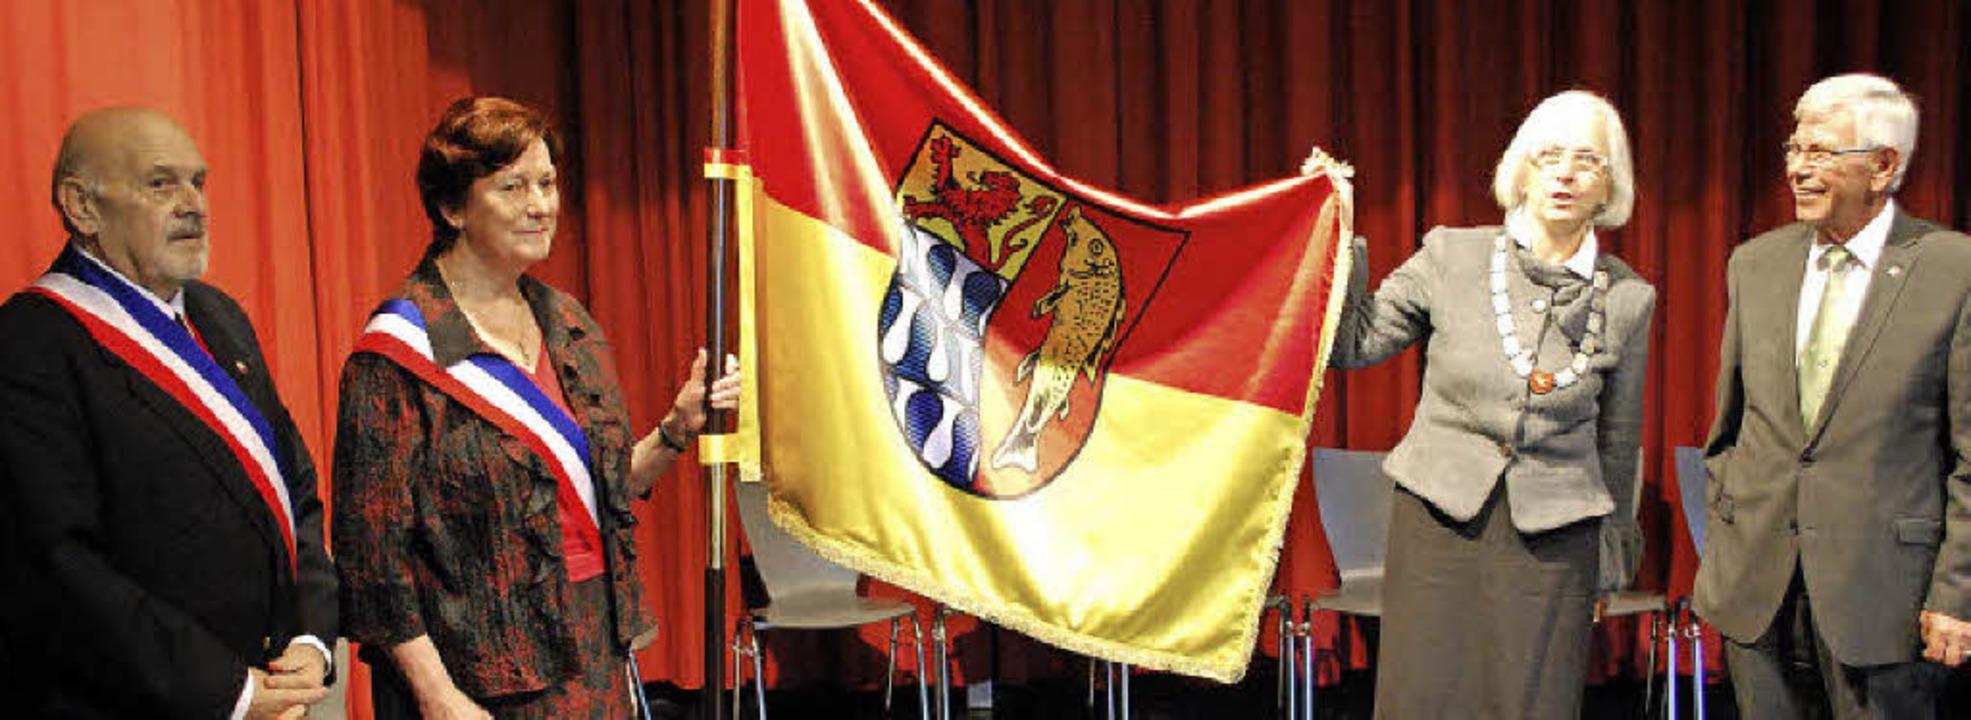 Haagener Fahne für Village-Neuf: Berna...ks) beim Festakt zum Jumelagejubiläum.  | Foto: Thomas Loisl Mink